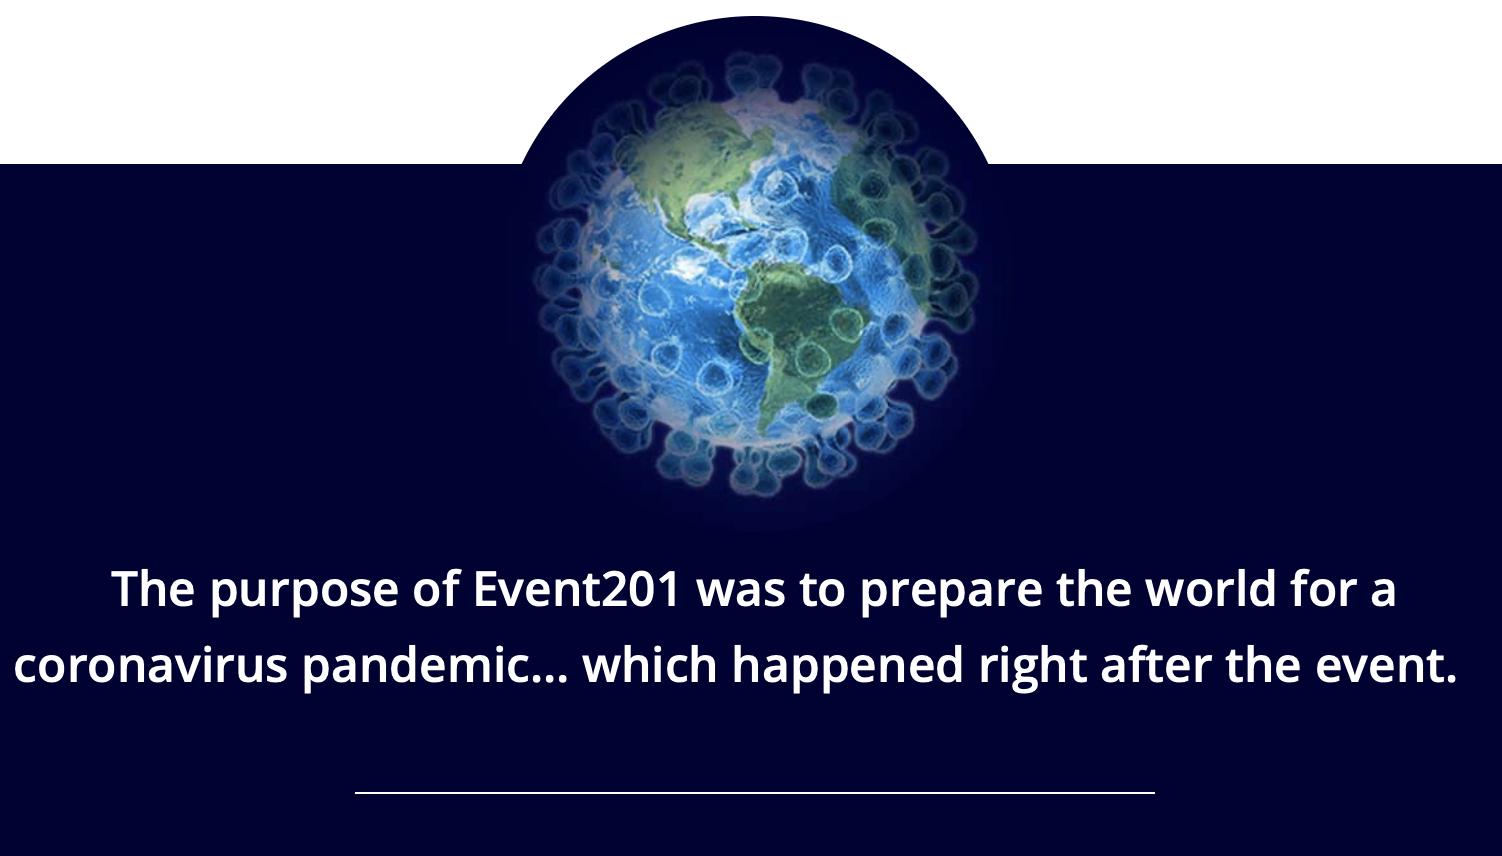 Coronavirus événement 201